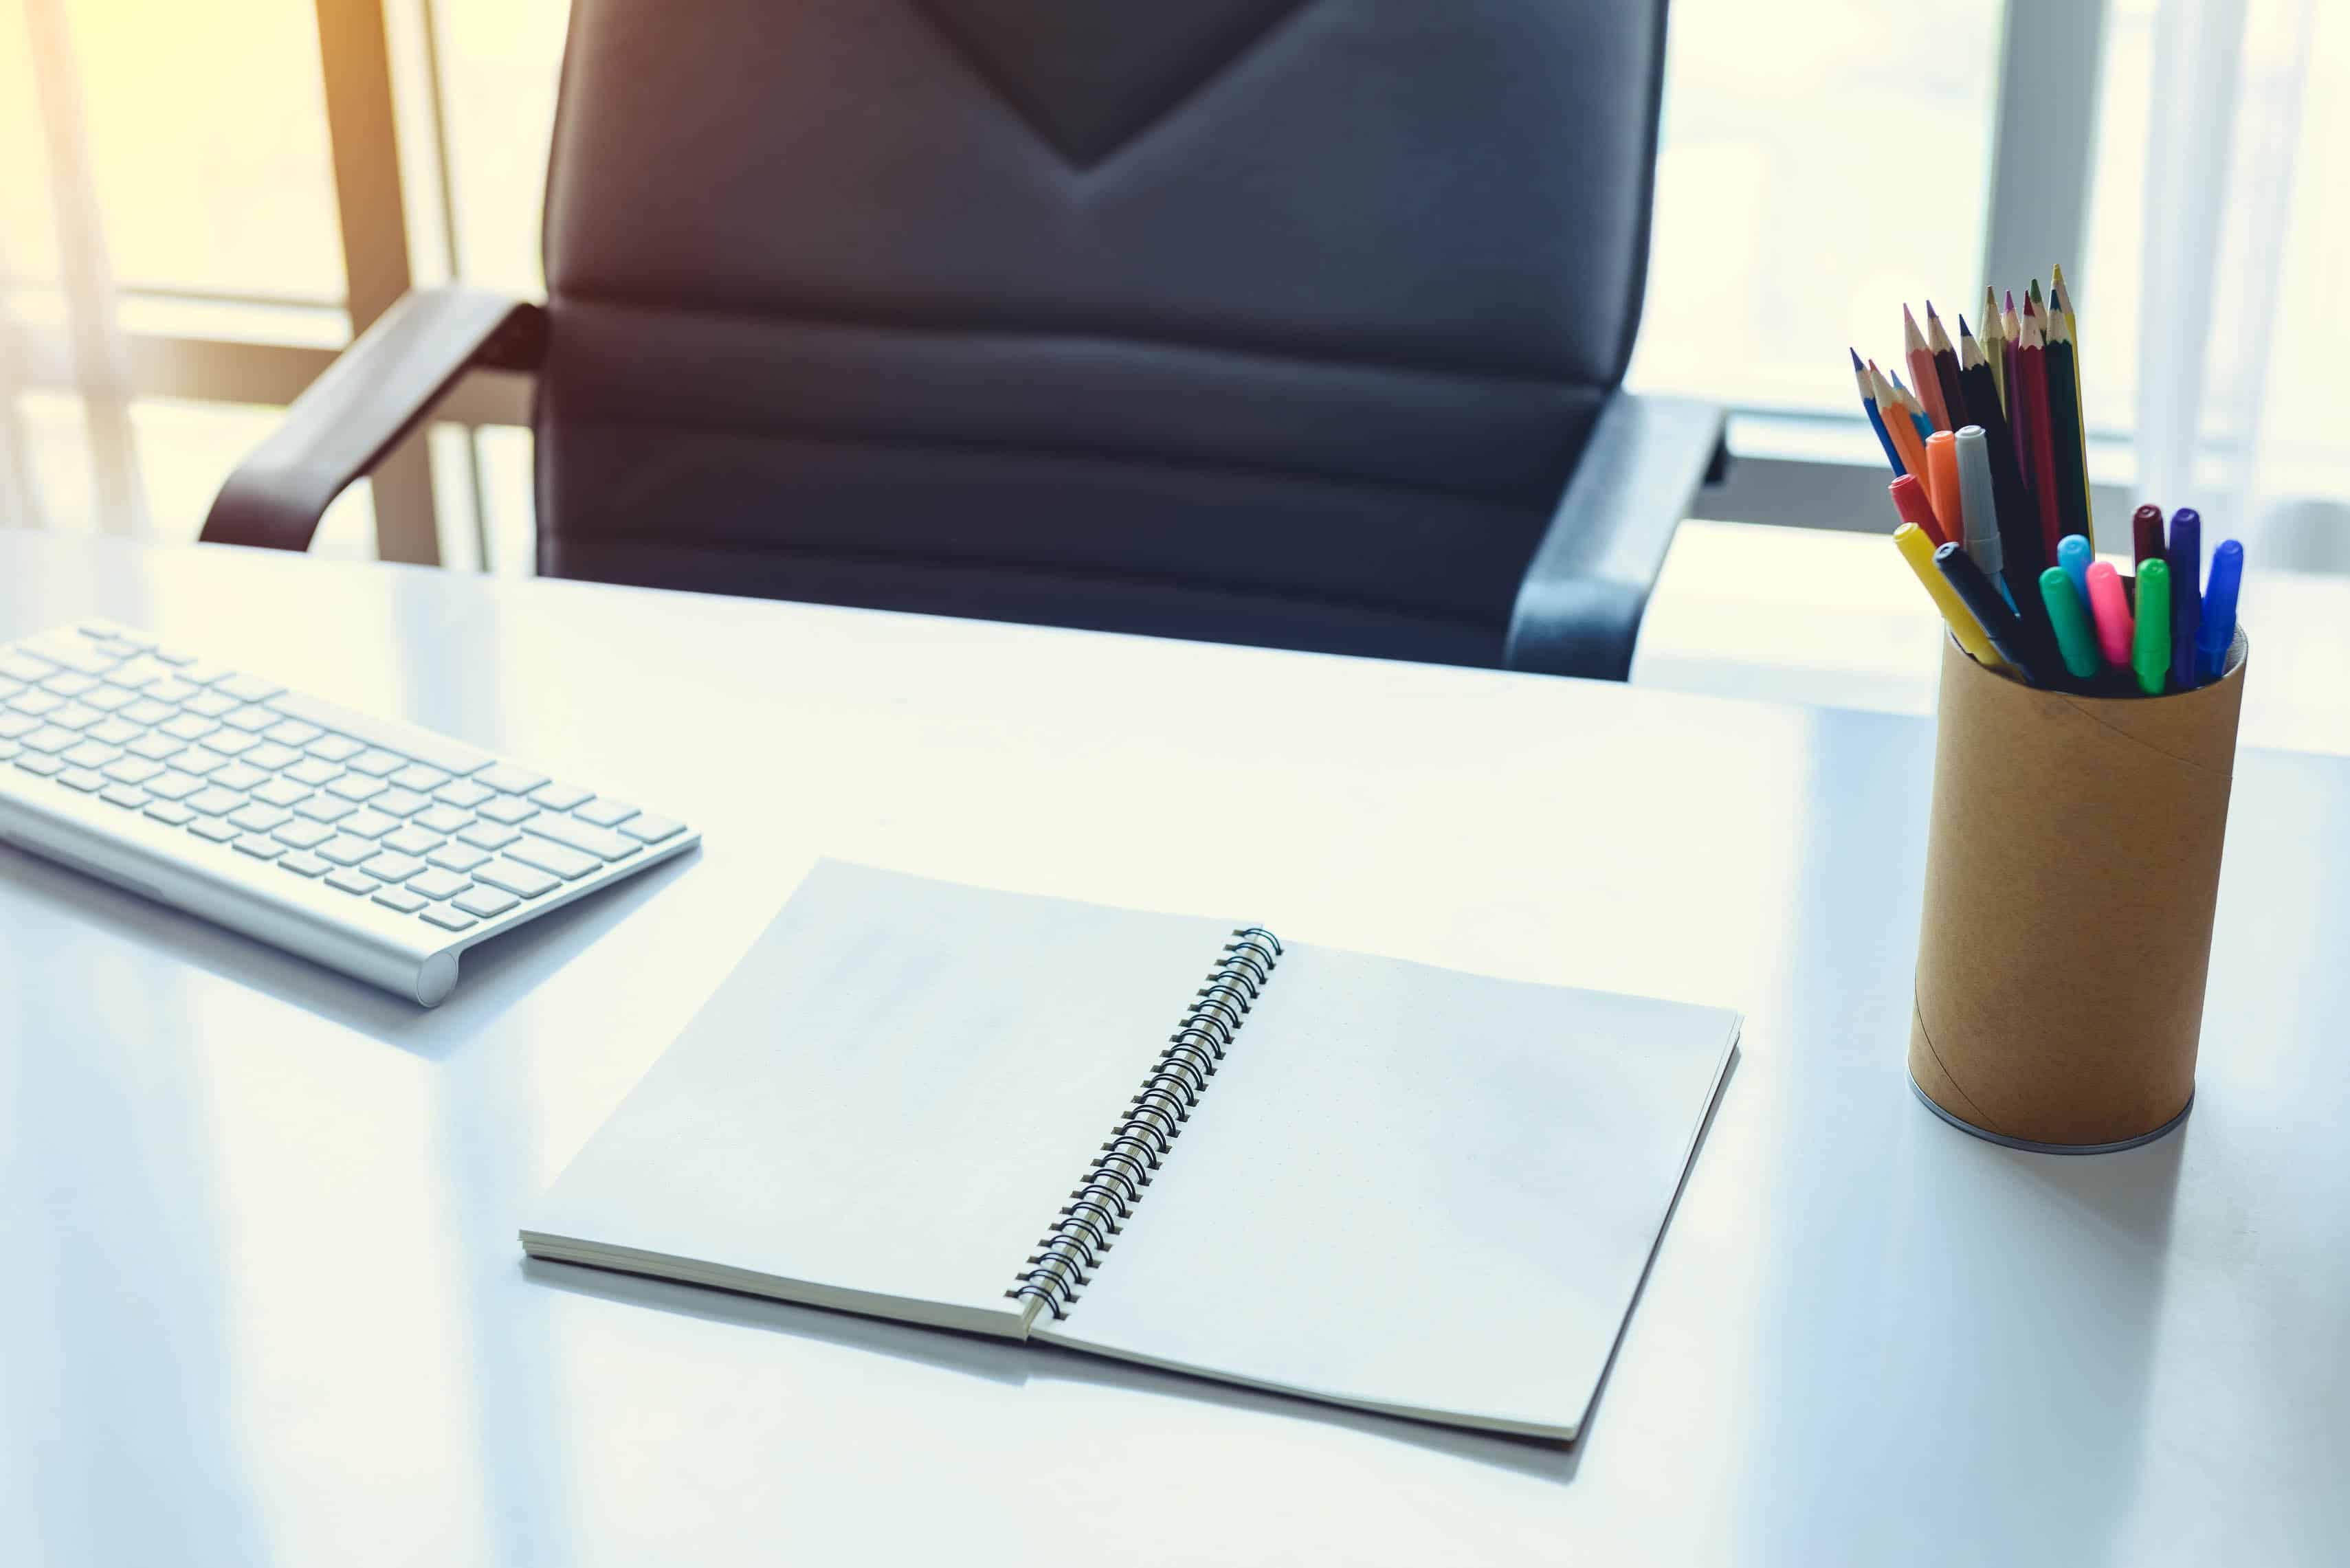 Schreibtisch mit Tastatur und Stiften Karriere